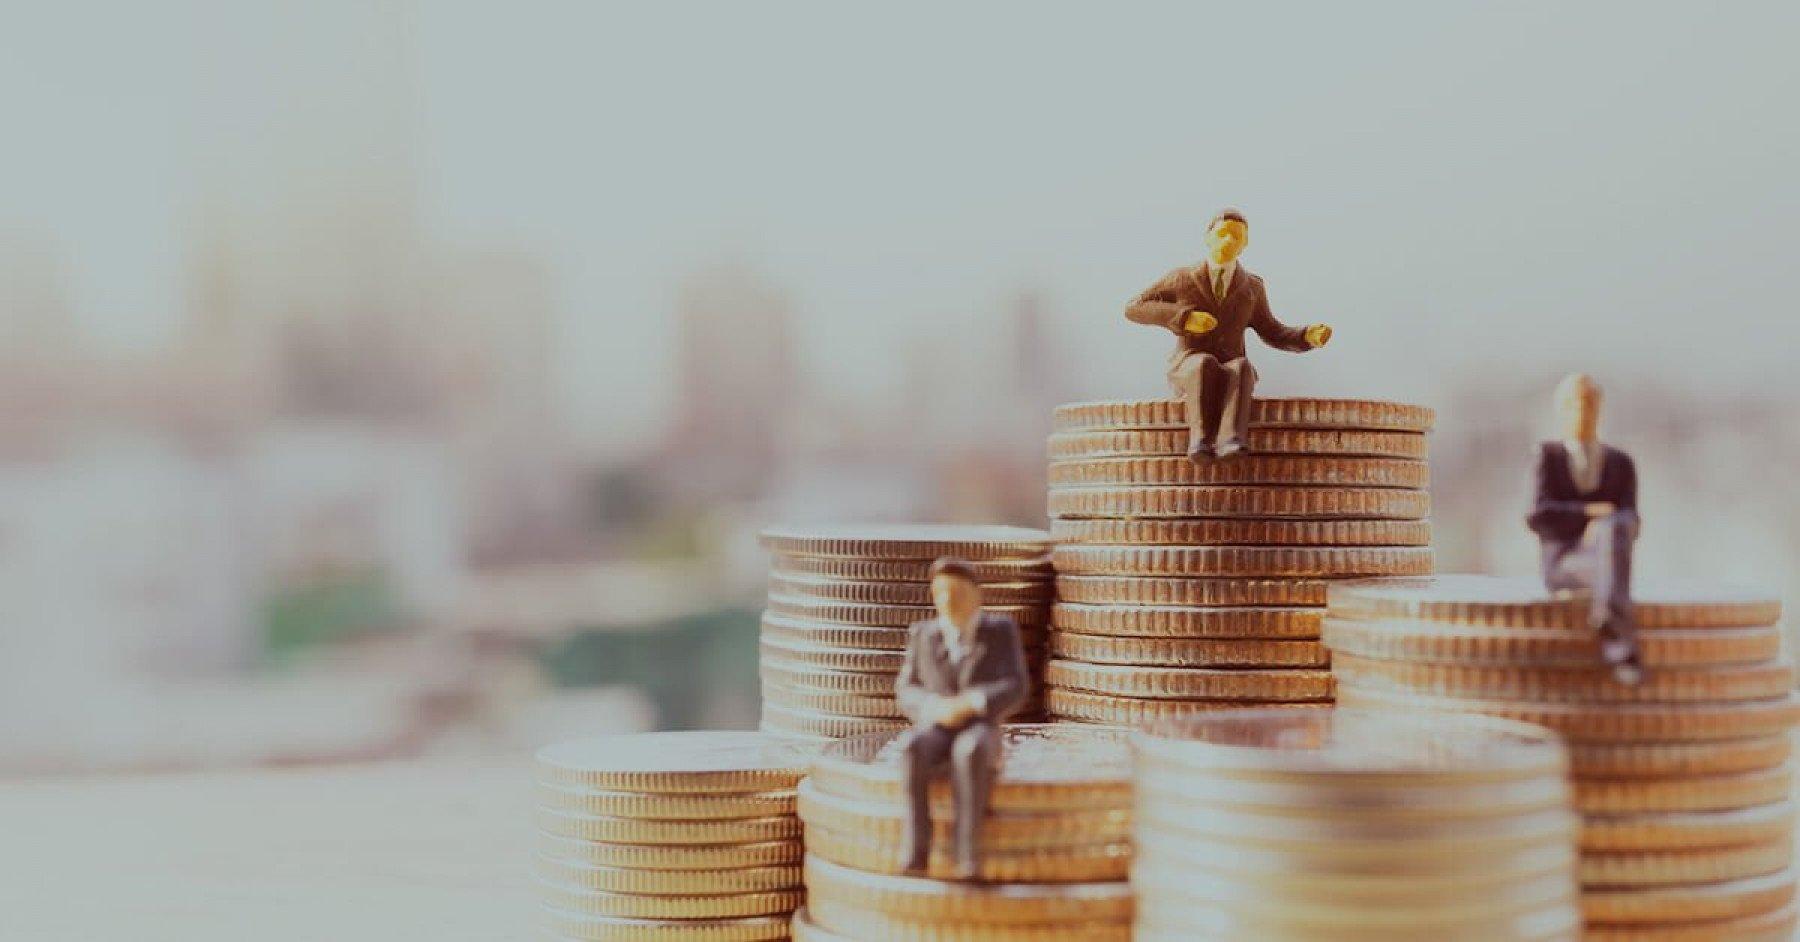 Mynt staplade på varandra i olika stora högar. Miniatyr figurer sitter ovanpå